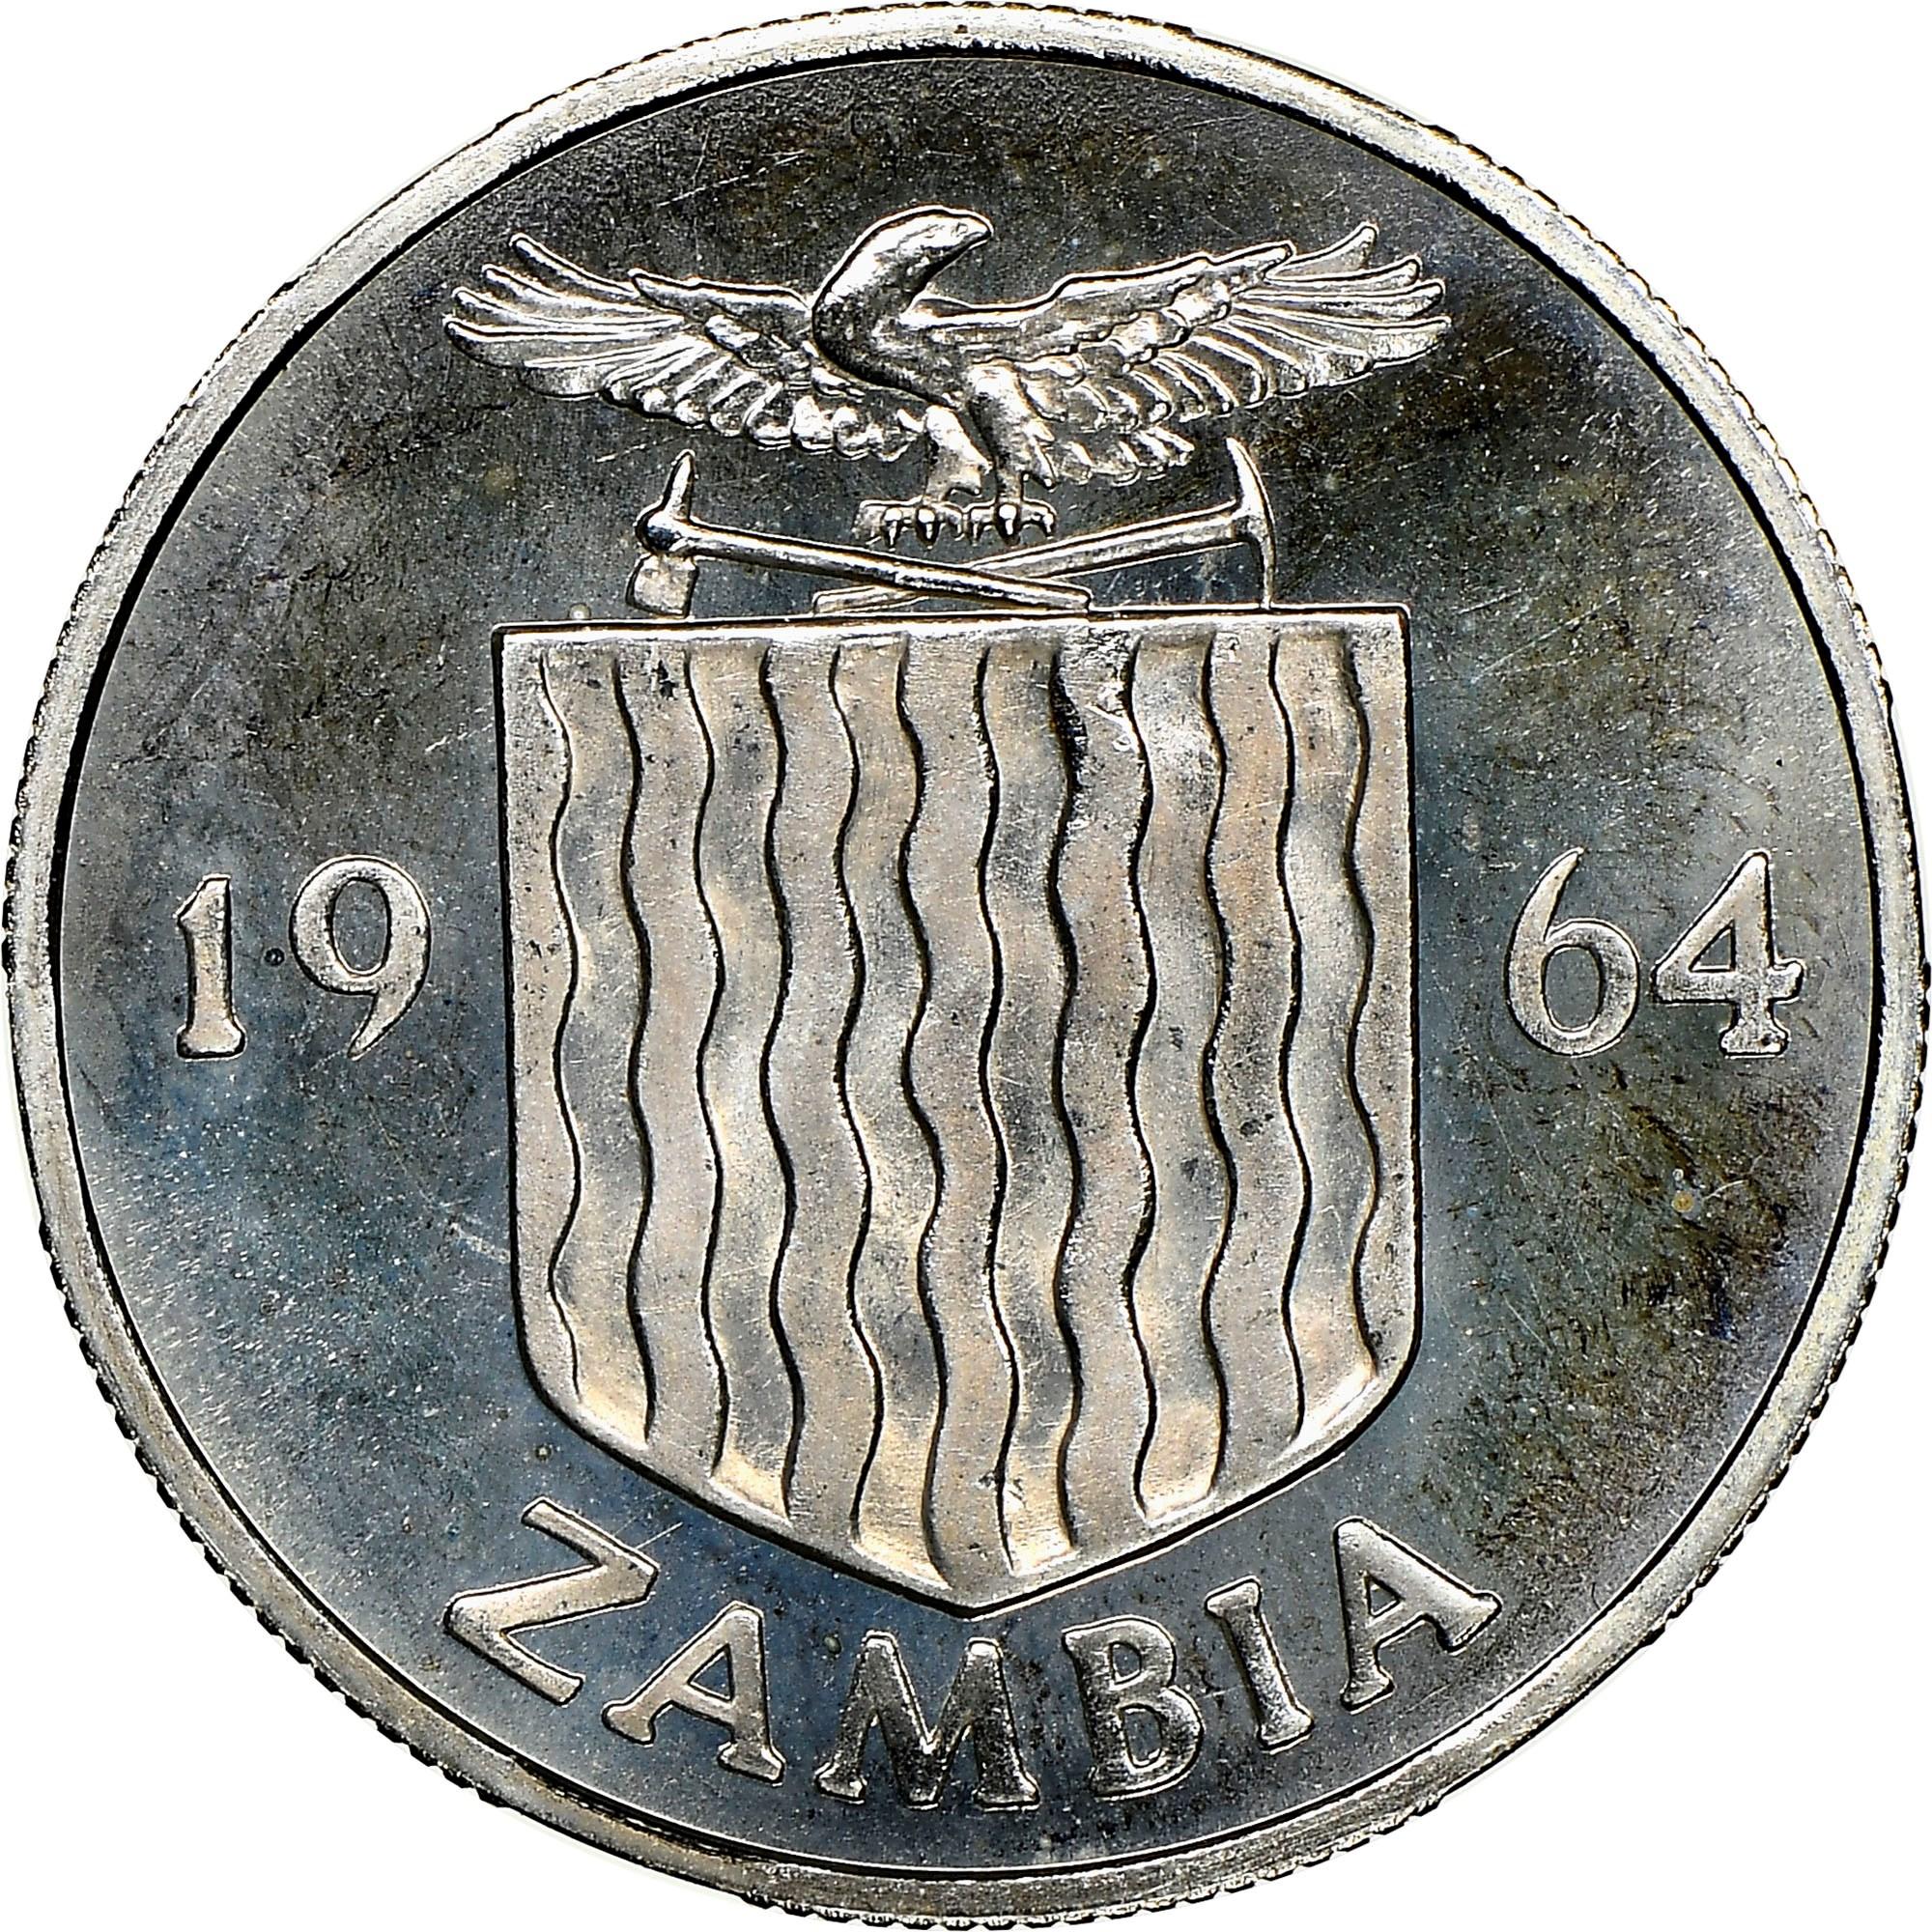 Zambia 6 Pence obverse